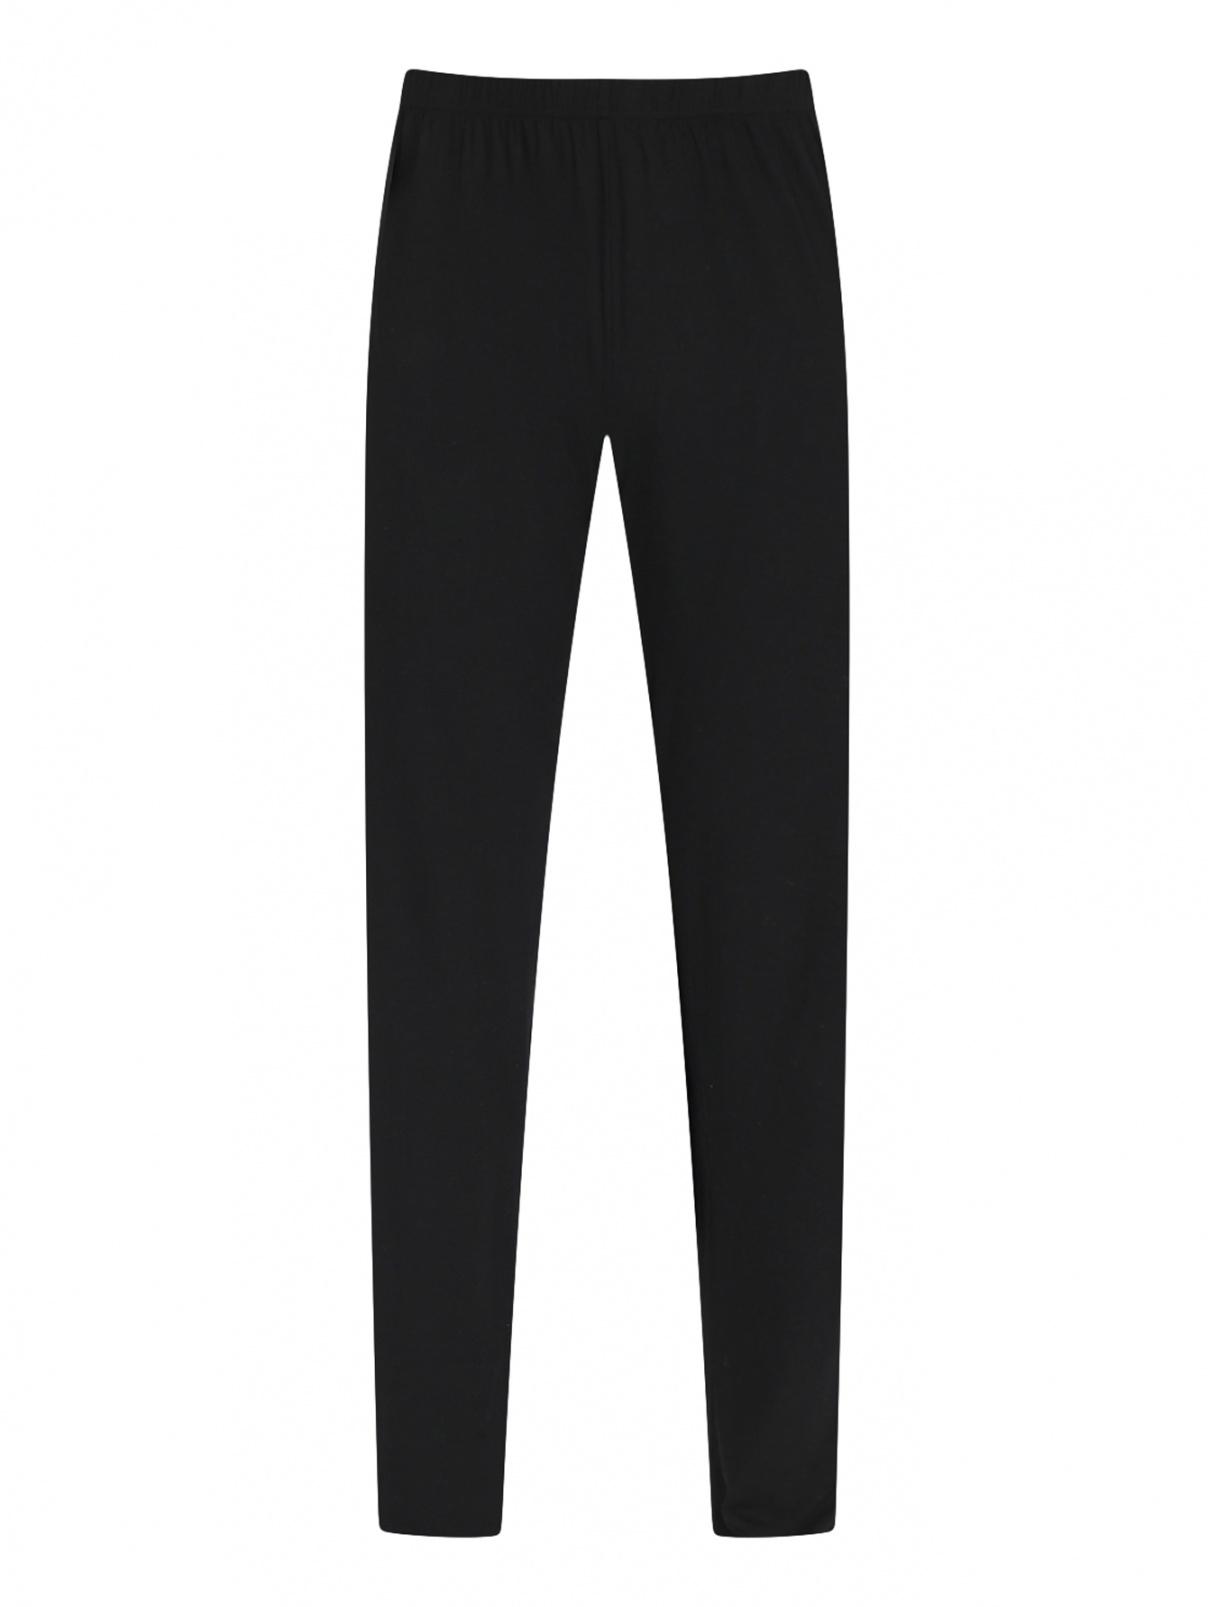 Однотонные брюки на резинке NERO PERLA  –  Общий вид